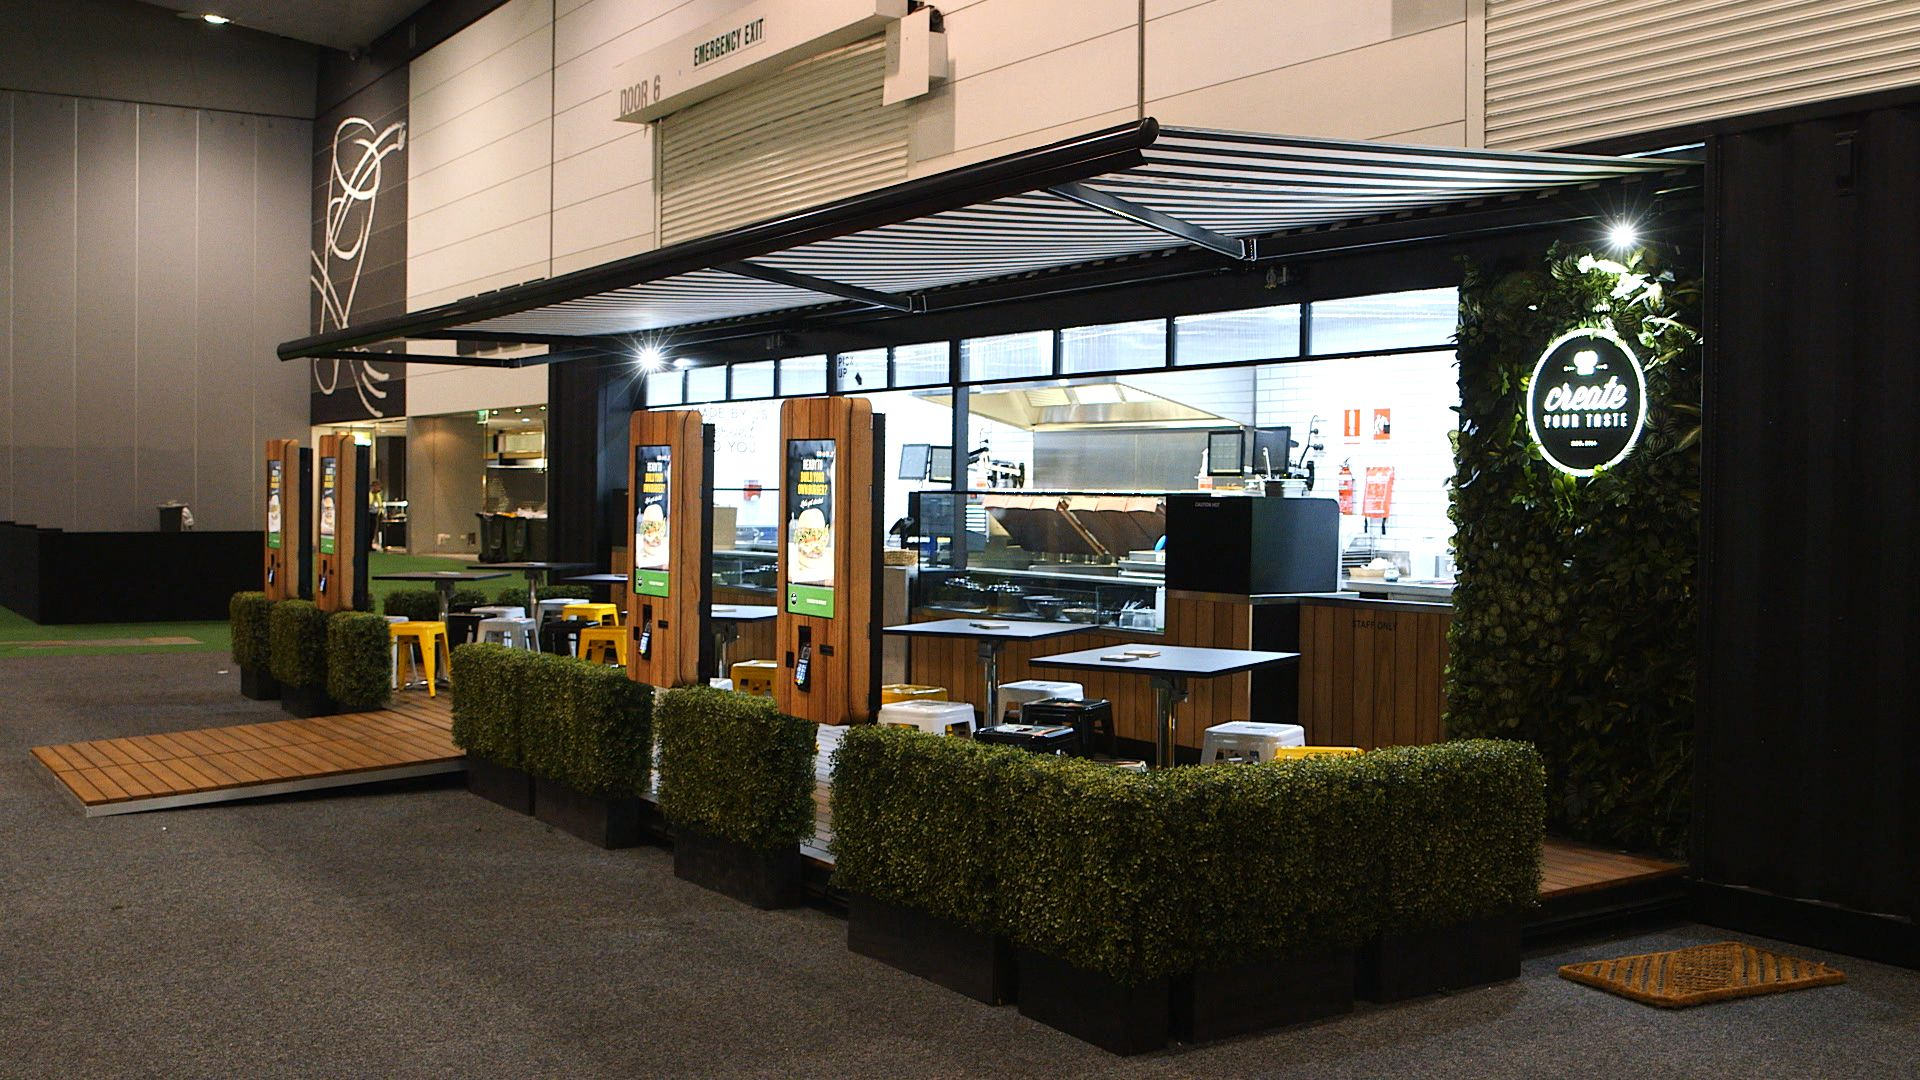 Best Kitchen Gallery: Container Coffee Bar Container Restaurant Shipping Container of Shipping Container Kitchen on rachelxblog.com